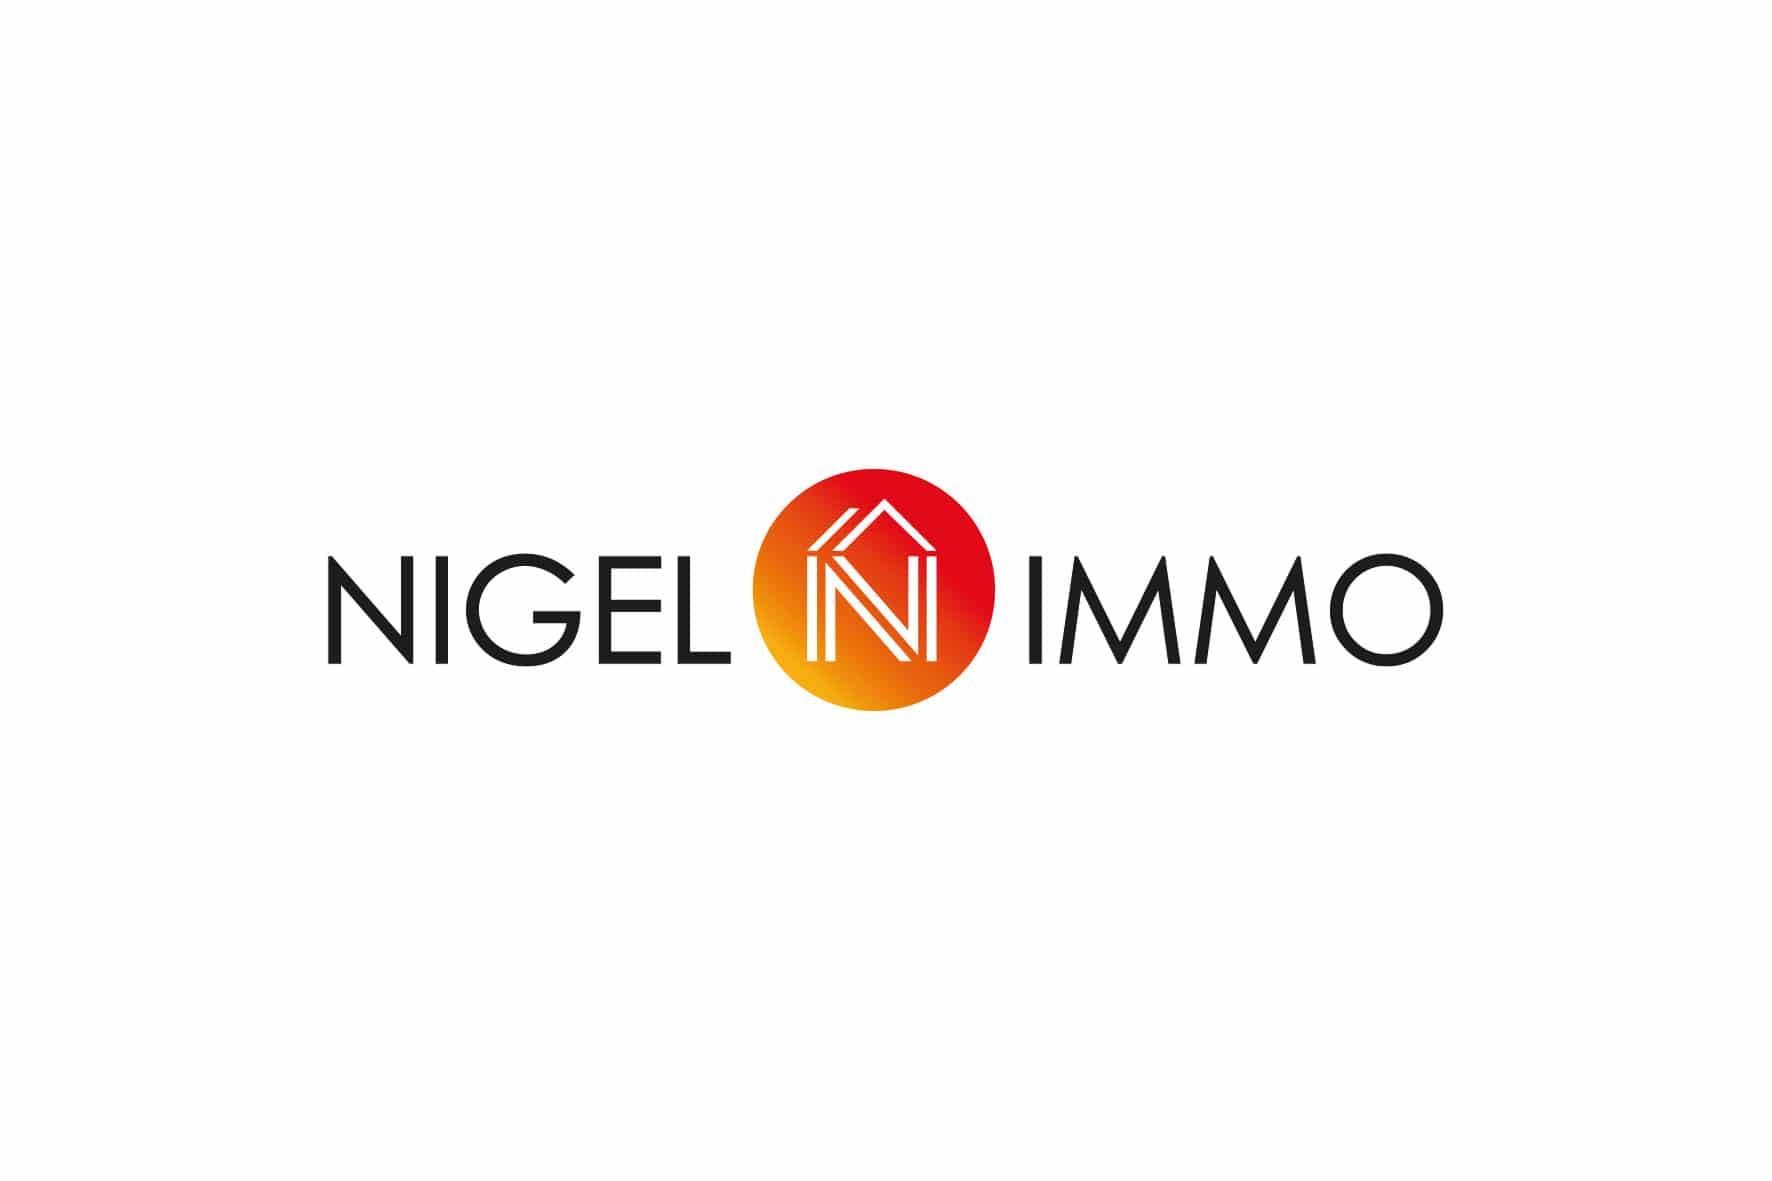 nigel-immo